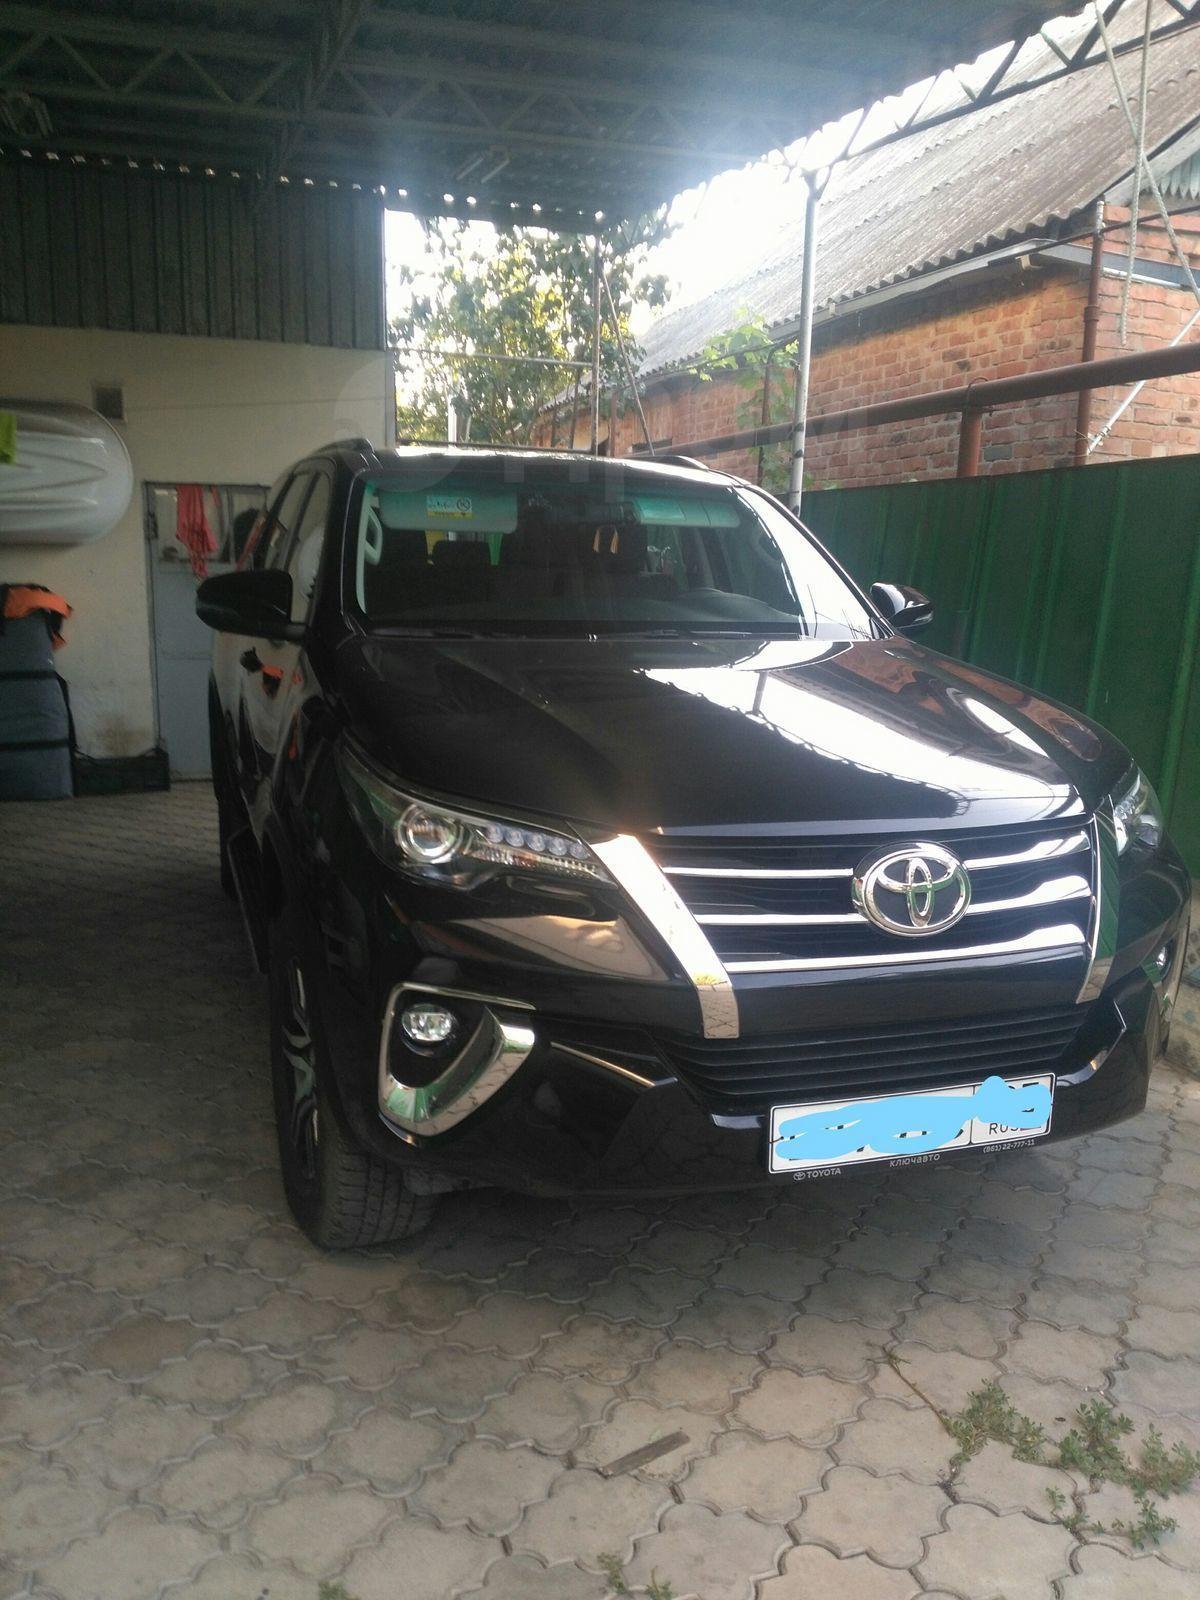 Toyota Fortuner 2017 года в Краснодаре, Почти новый автомобиль ... 20b9d8c939a